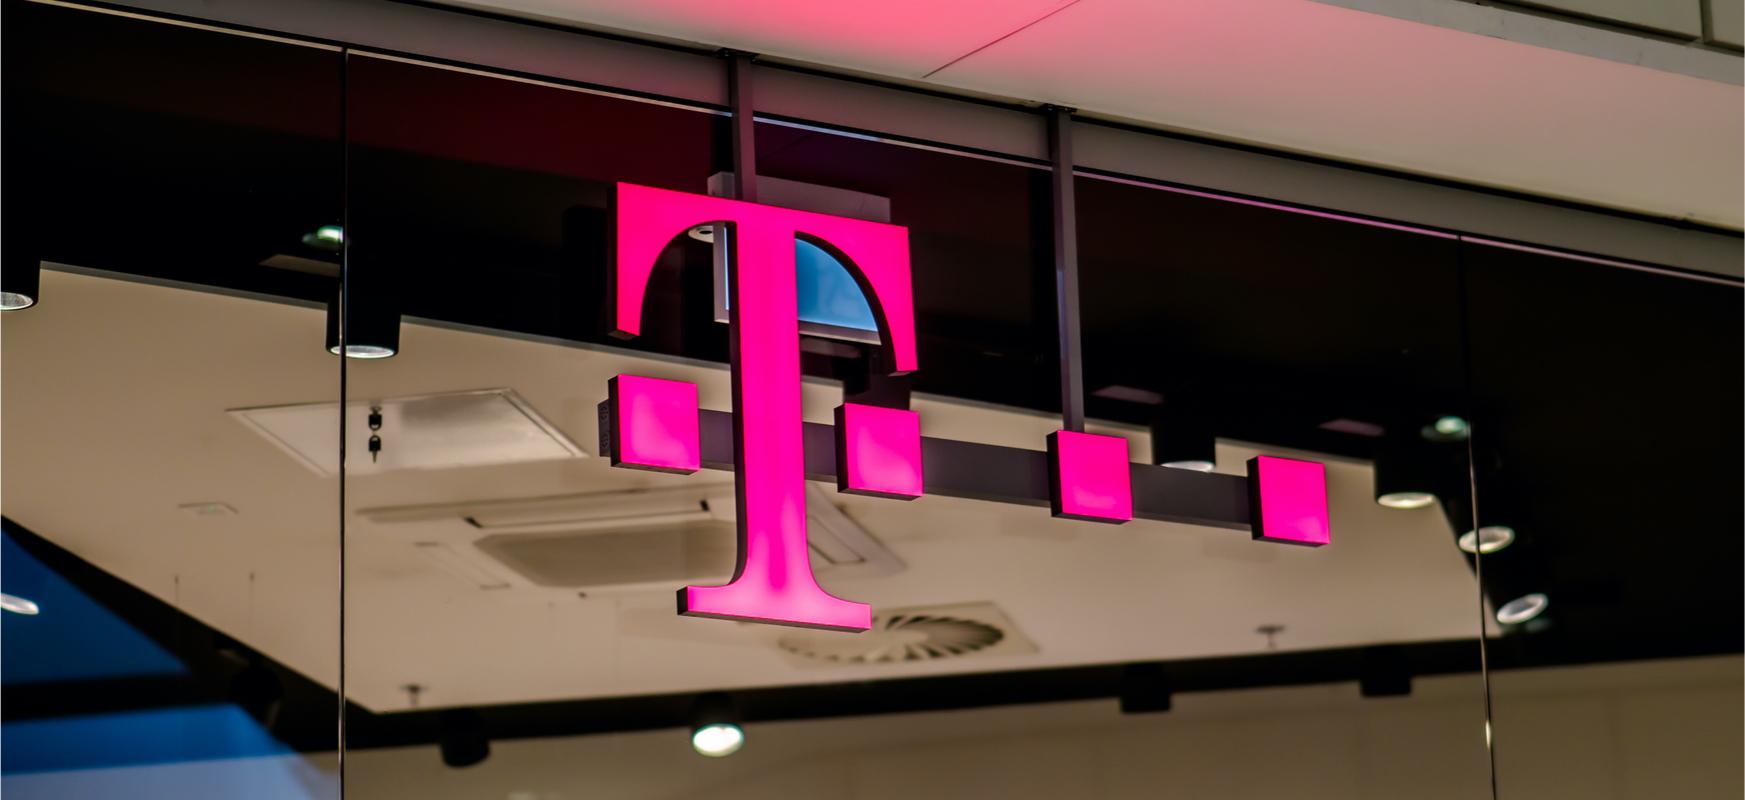 T-Mobile-k 5G sarea jarri du abian. 6 milioi bat pertsona iristen dira hilabete honetan